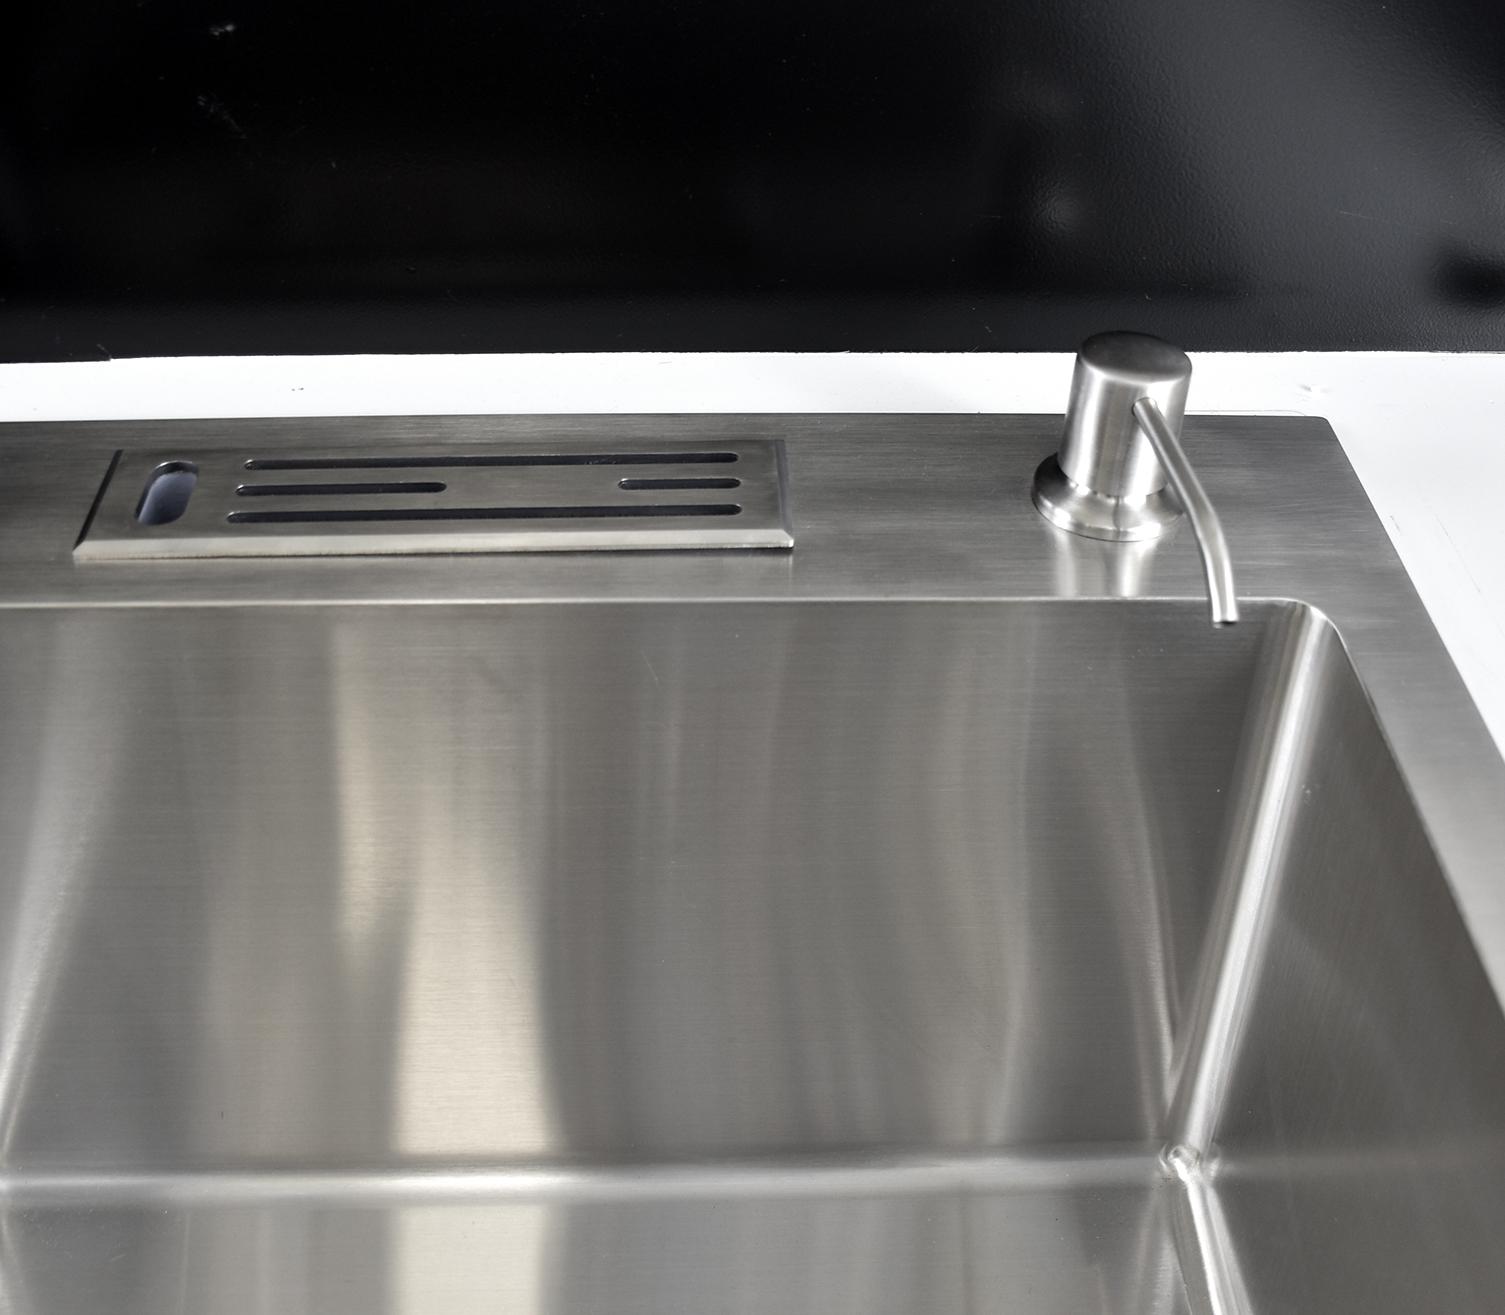 Chậu rửa bát 2 ngăn tích hợp khay đựng đồ Inox 304 Hiwin KS-8148